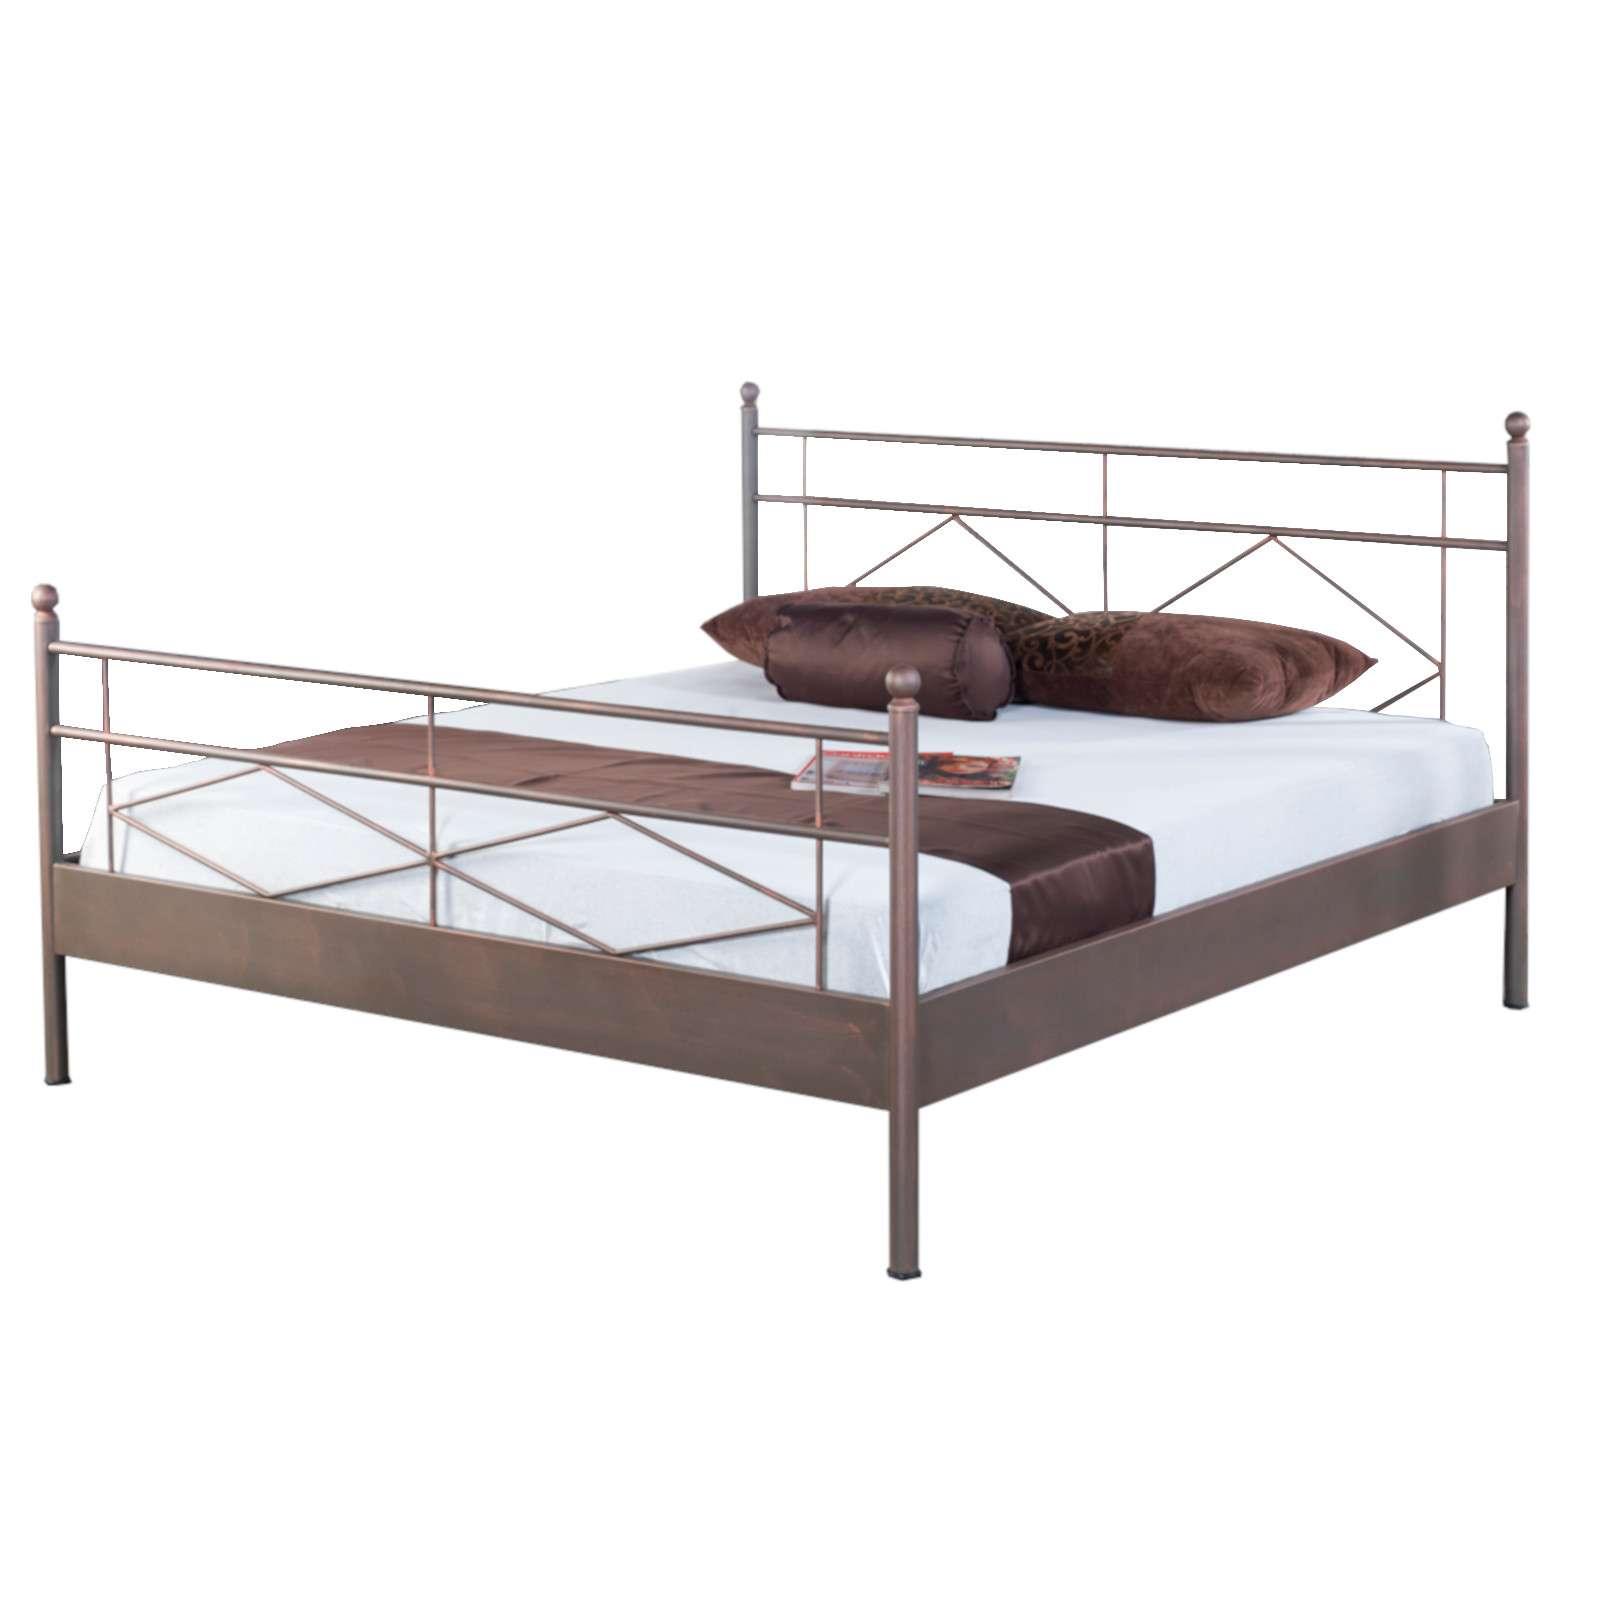 Bed Box Metall Bettrahmen Bettgestell Maria 1022 | Bettenwelt24.de